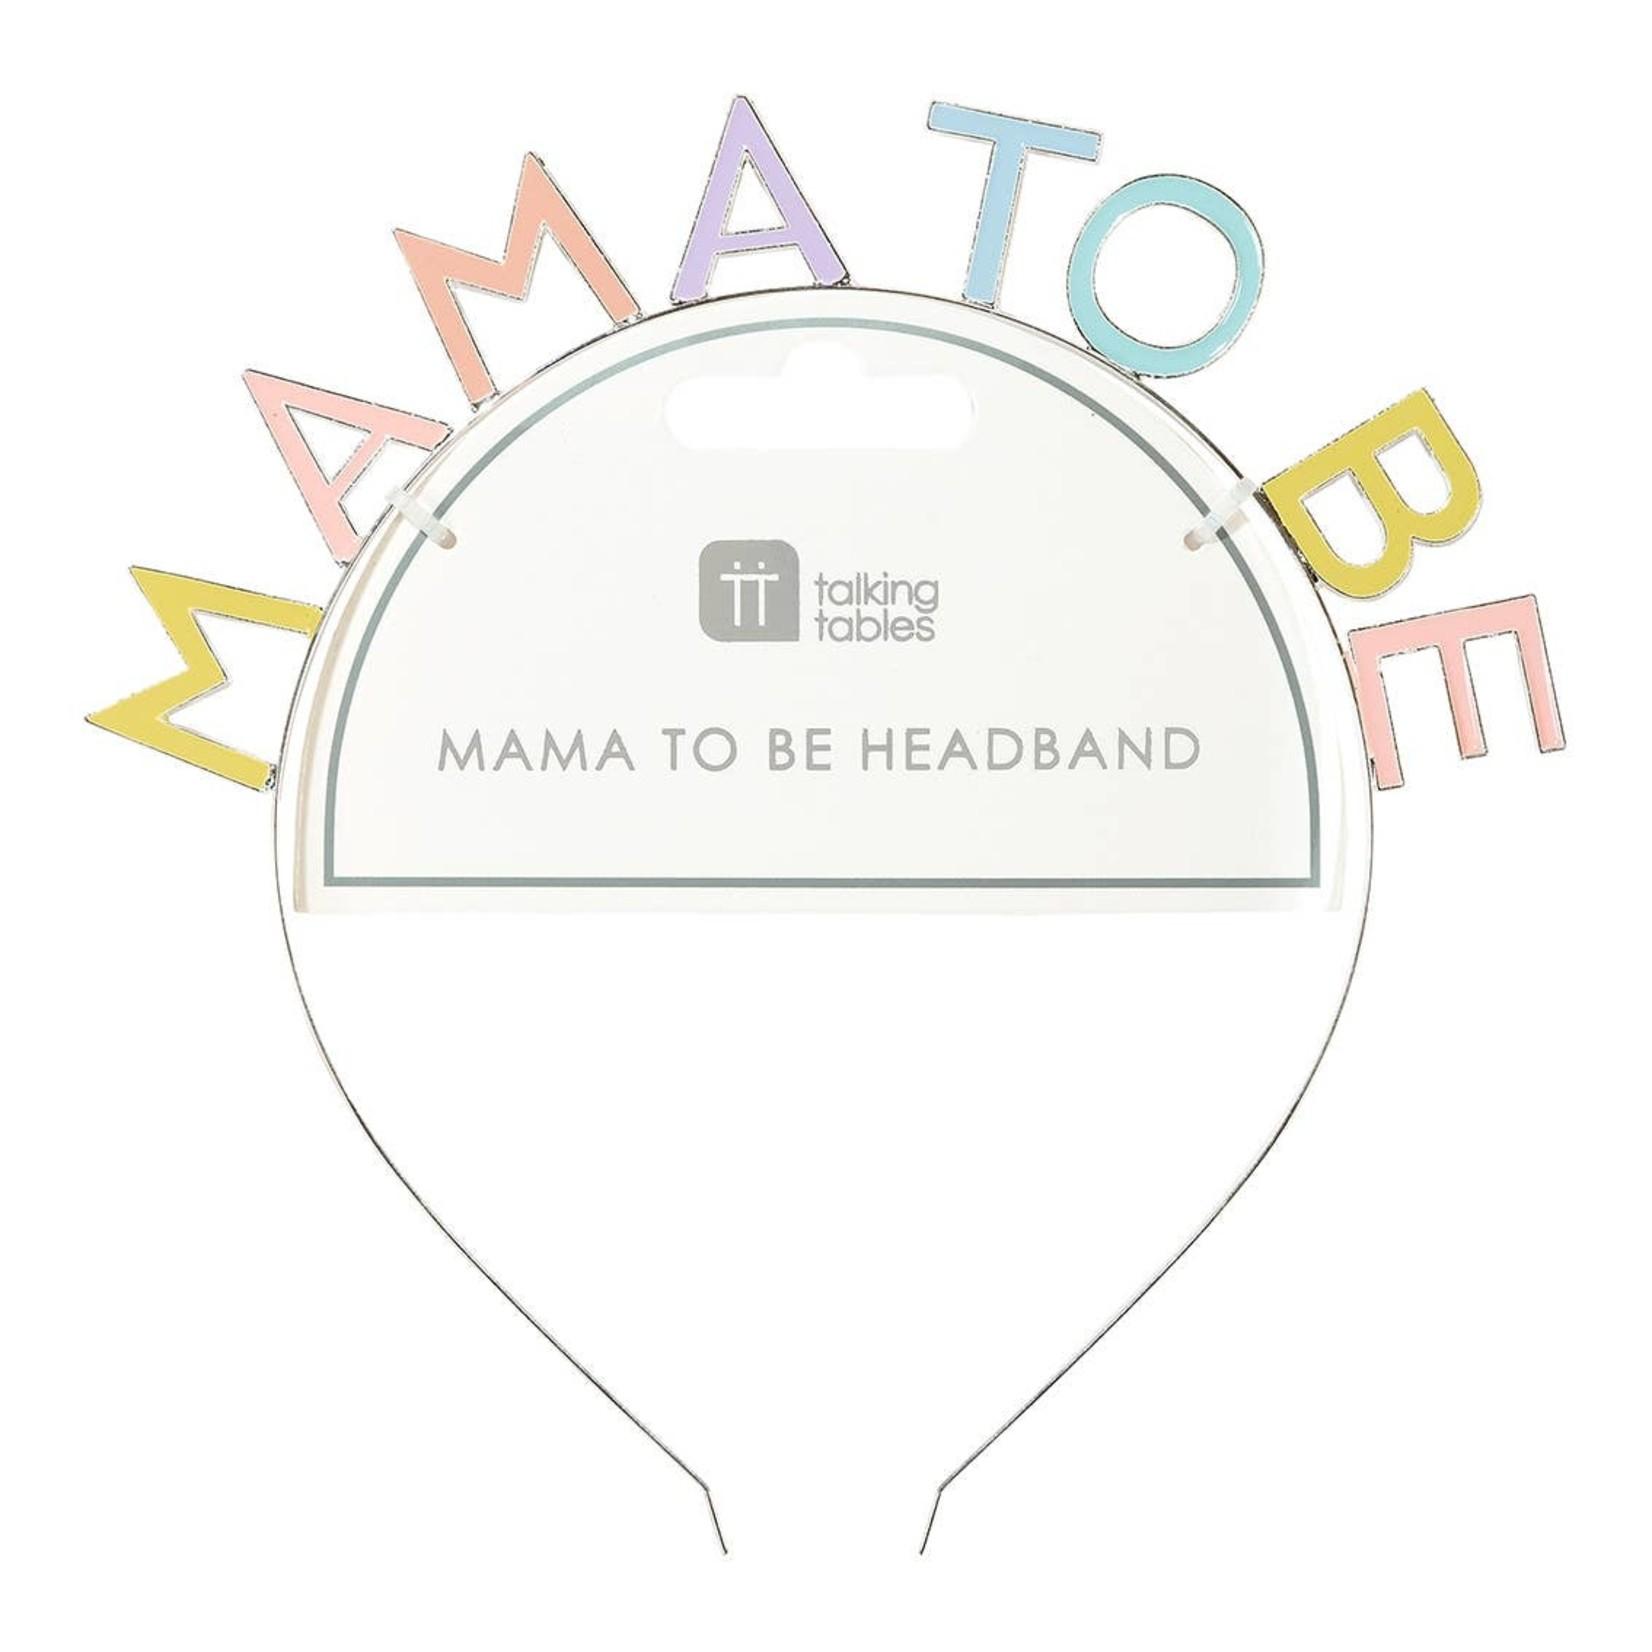 Mama to Be Headband